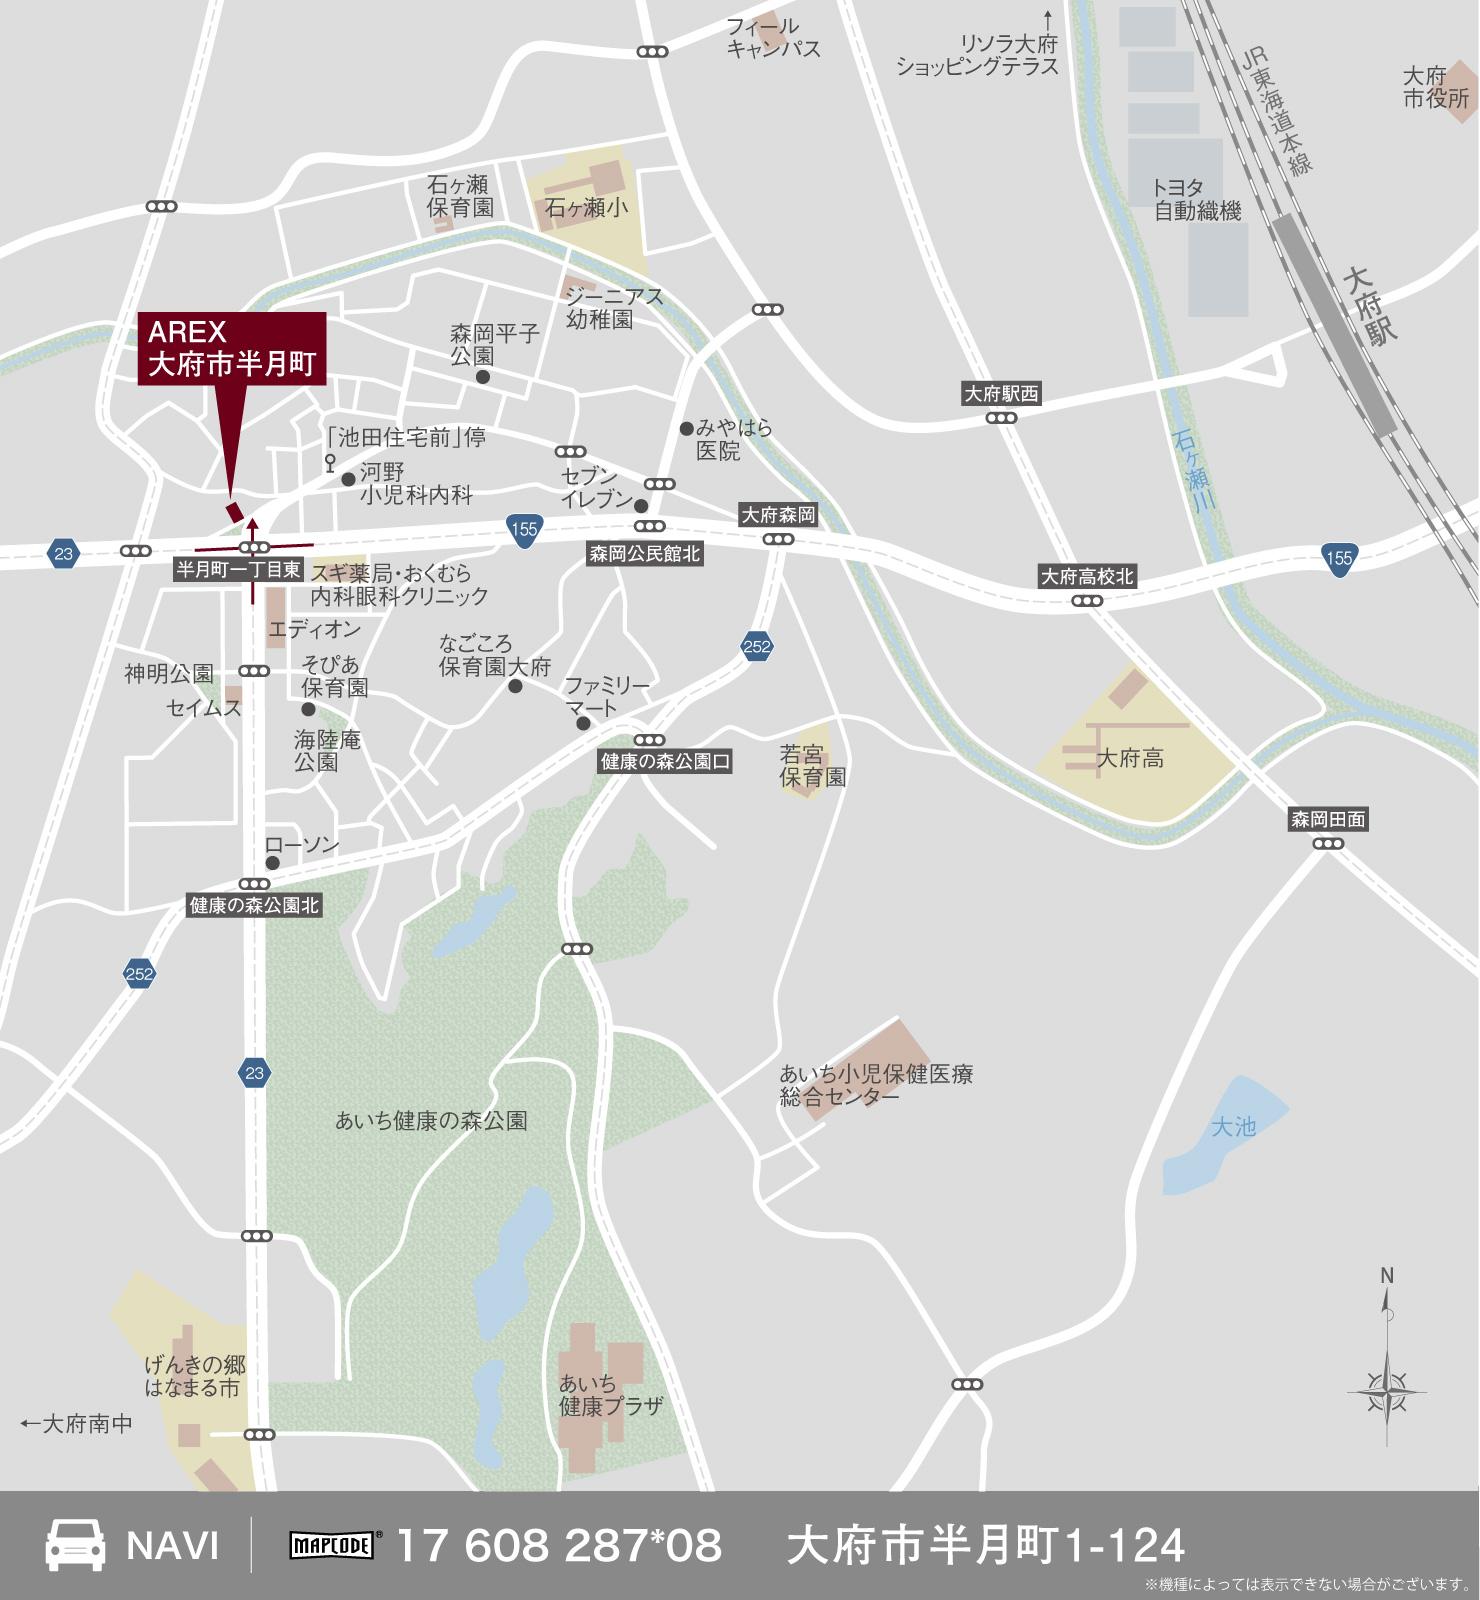 3_地図_大府市半月町